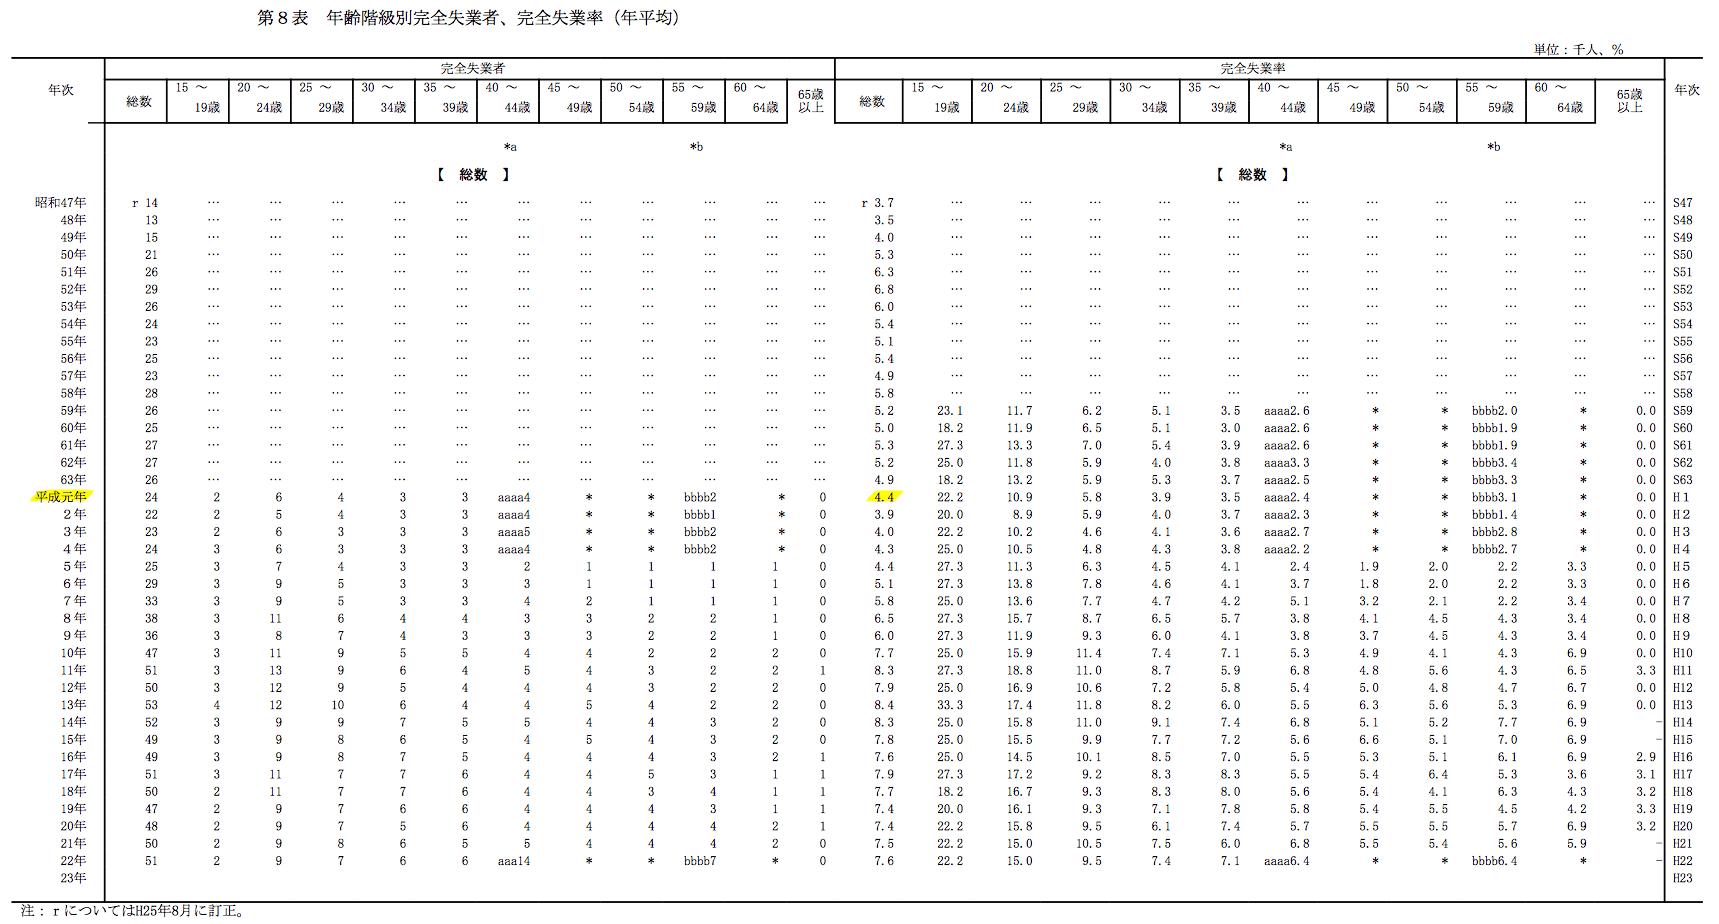 分野別統計・調査等データの労働力調査から統計資料